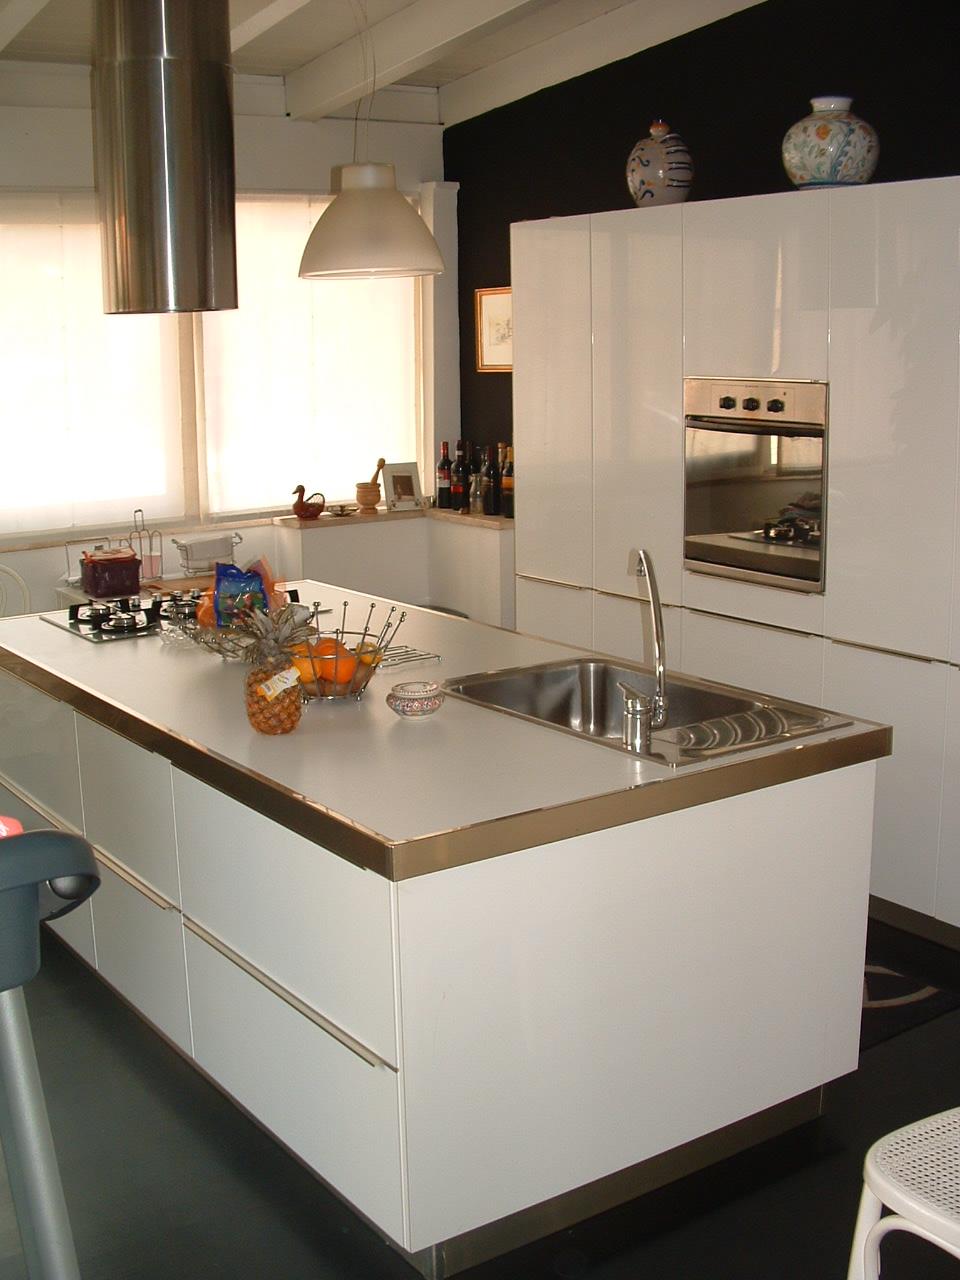 Cucina moderna in mansarda - Cucine in mansarda ...